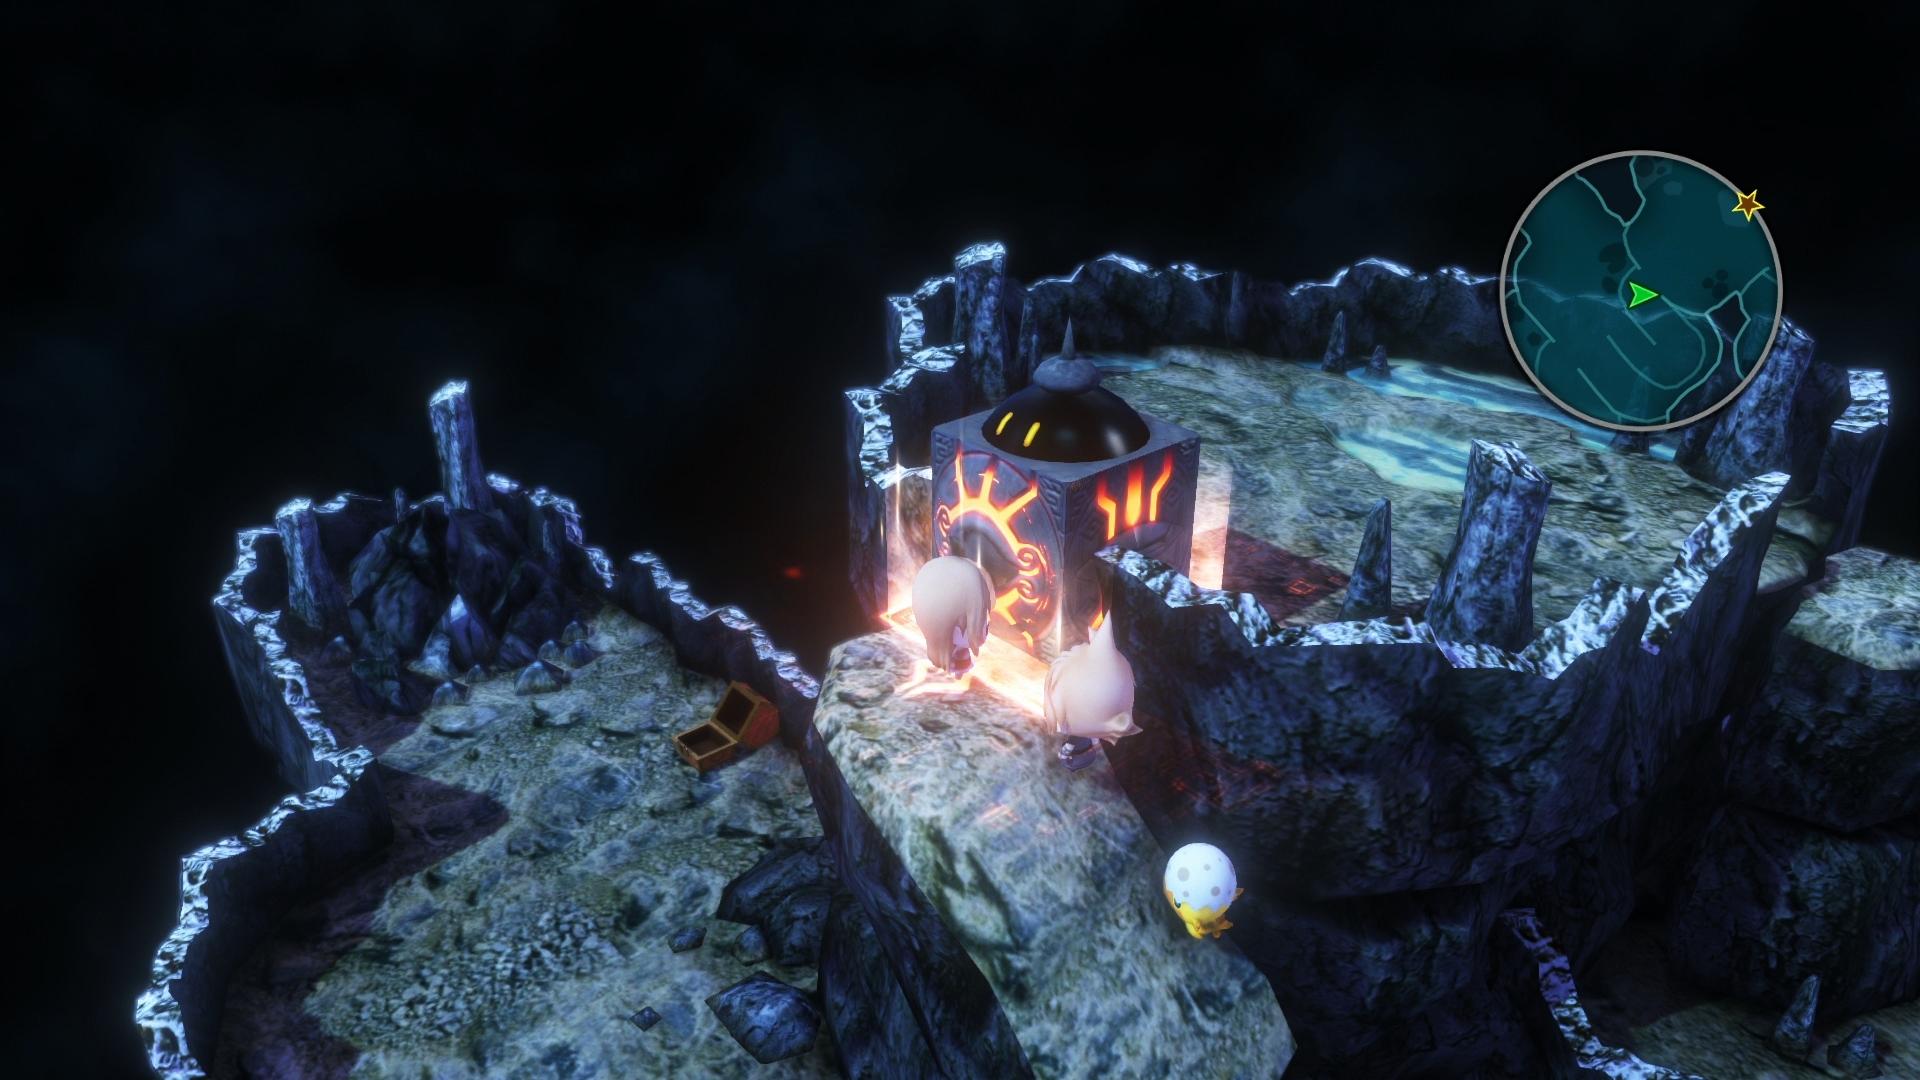 World of Final Fantasy vypadá na obrázcích pohádkově 130360